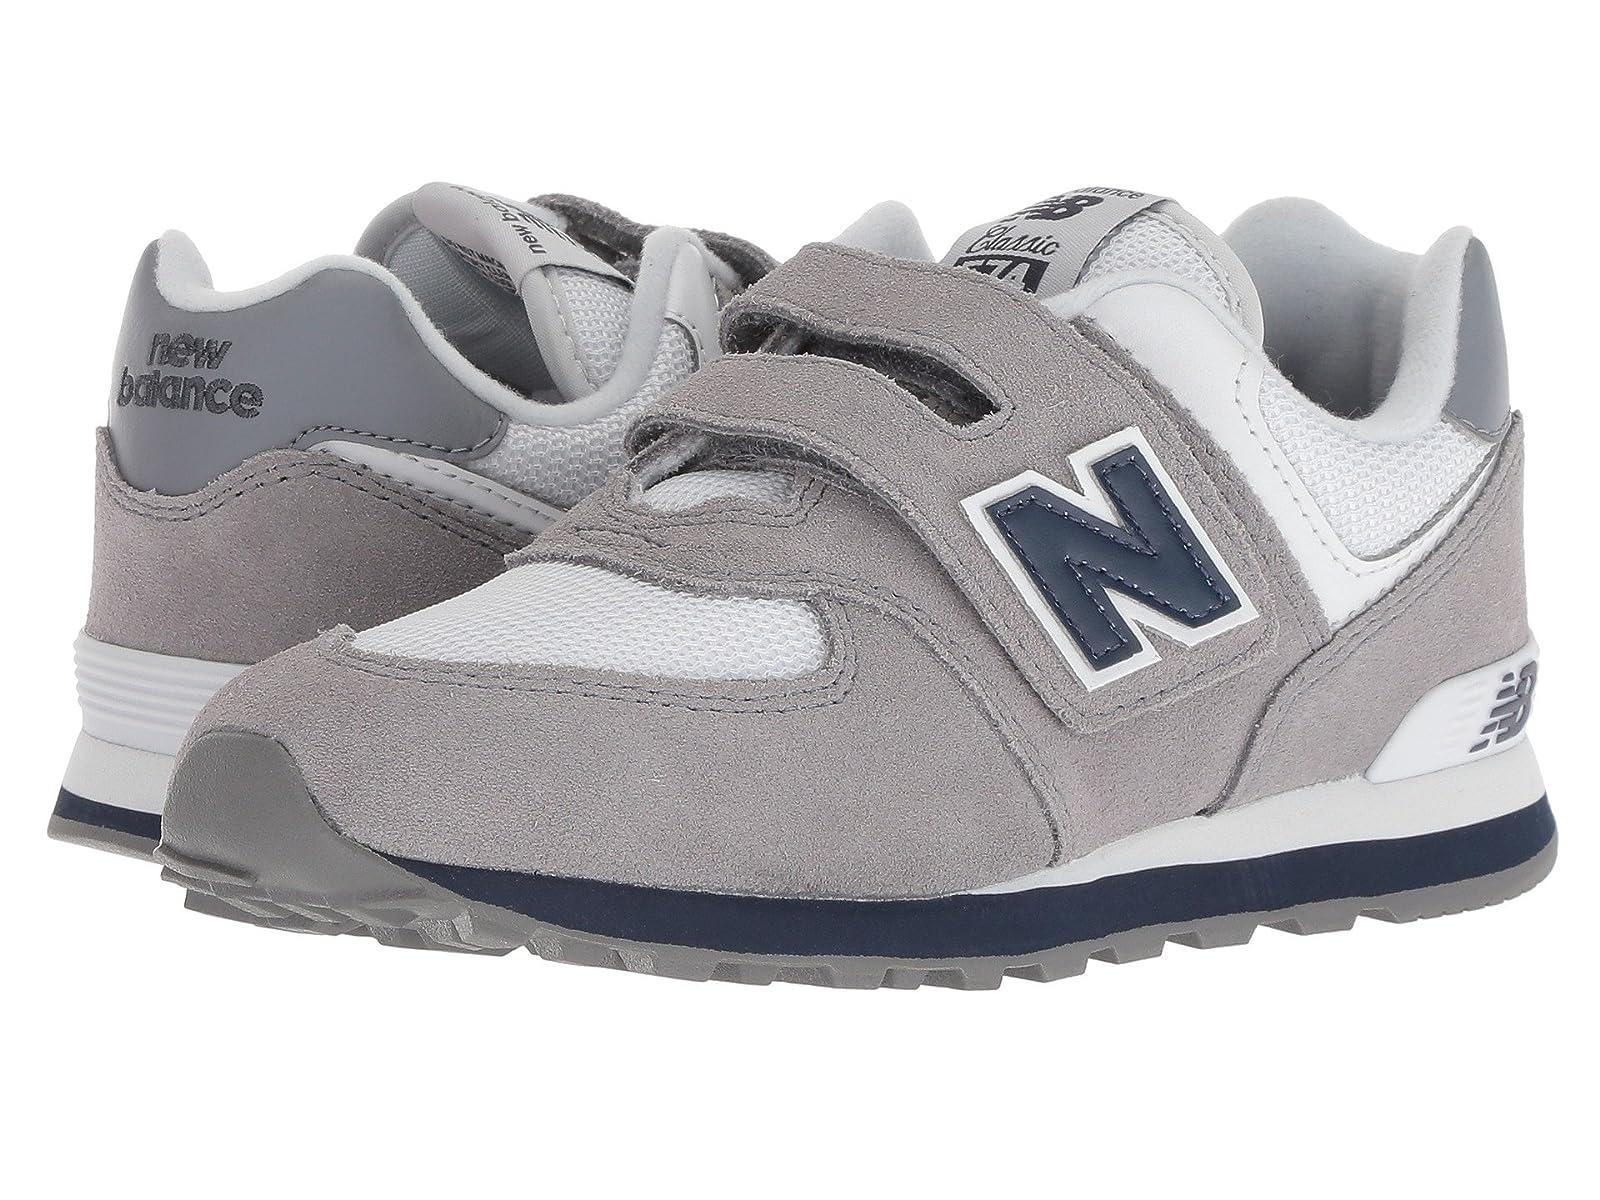 New Balance Kids YV574v1 (Little Kid/Big Kid)Atmospheric grades have affordable shoes